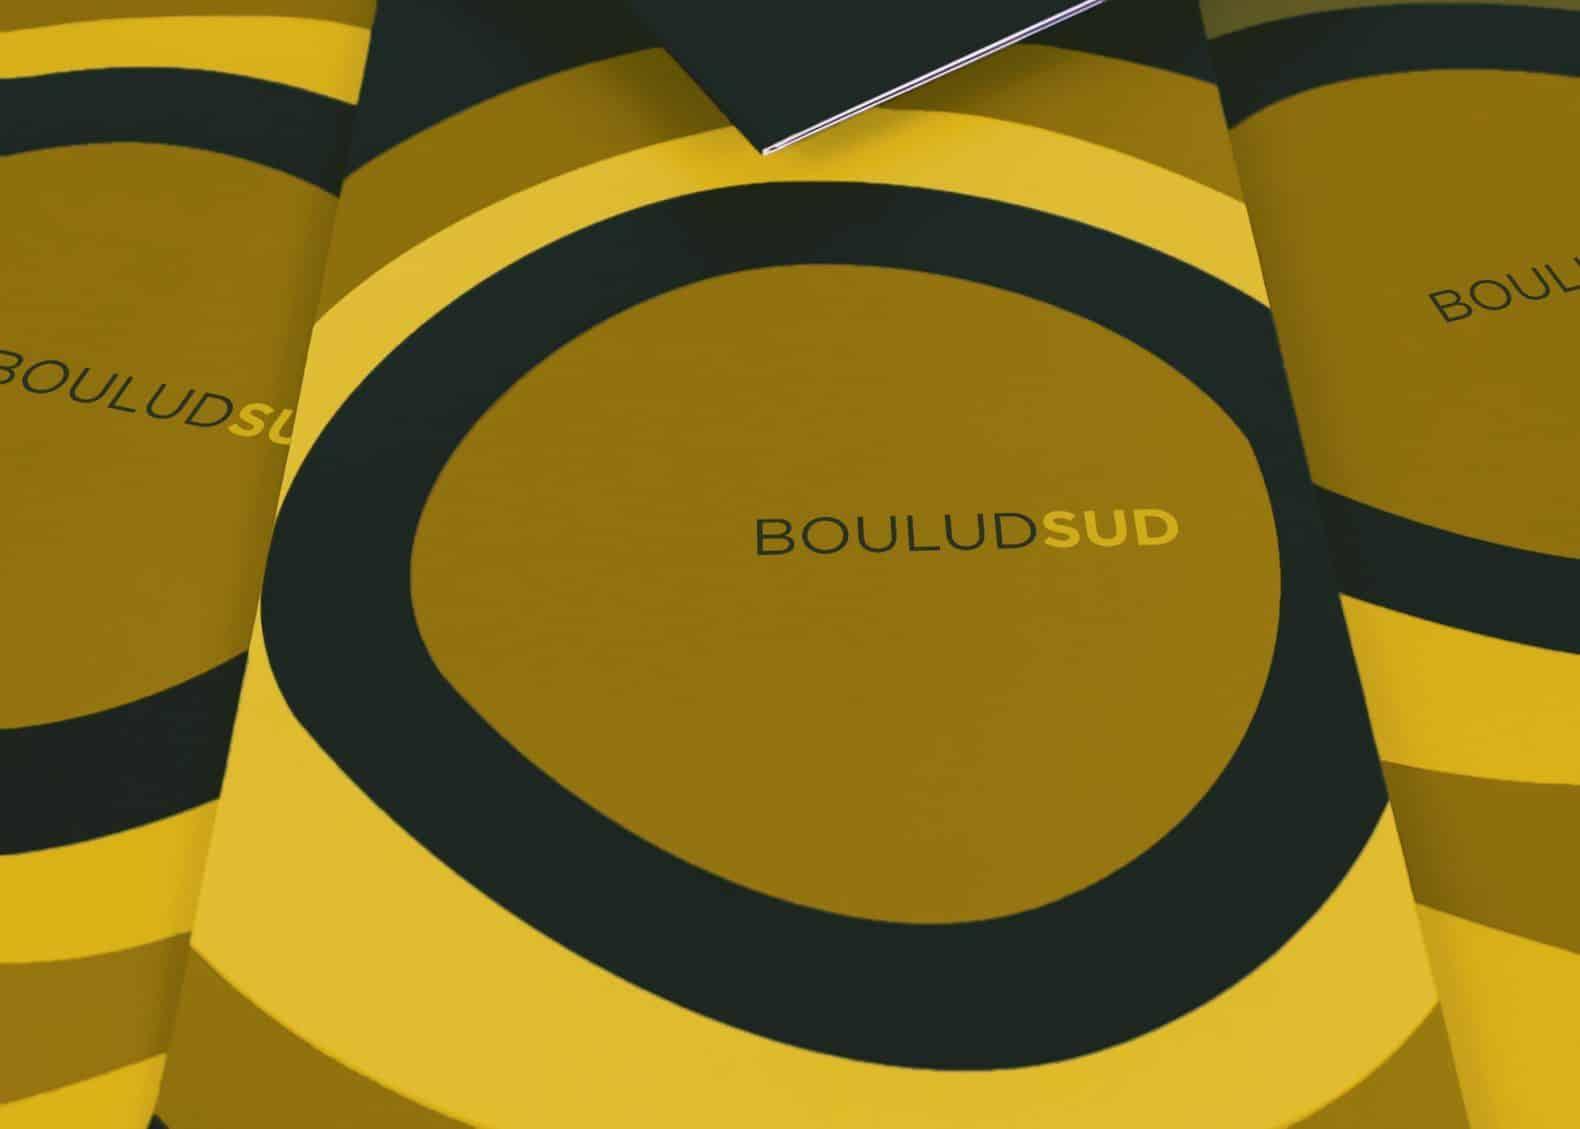 Boulud Sud